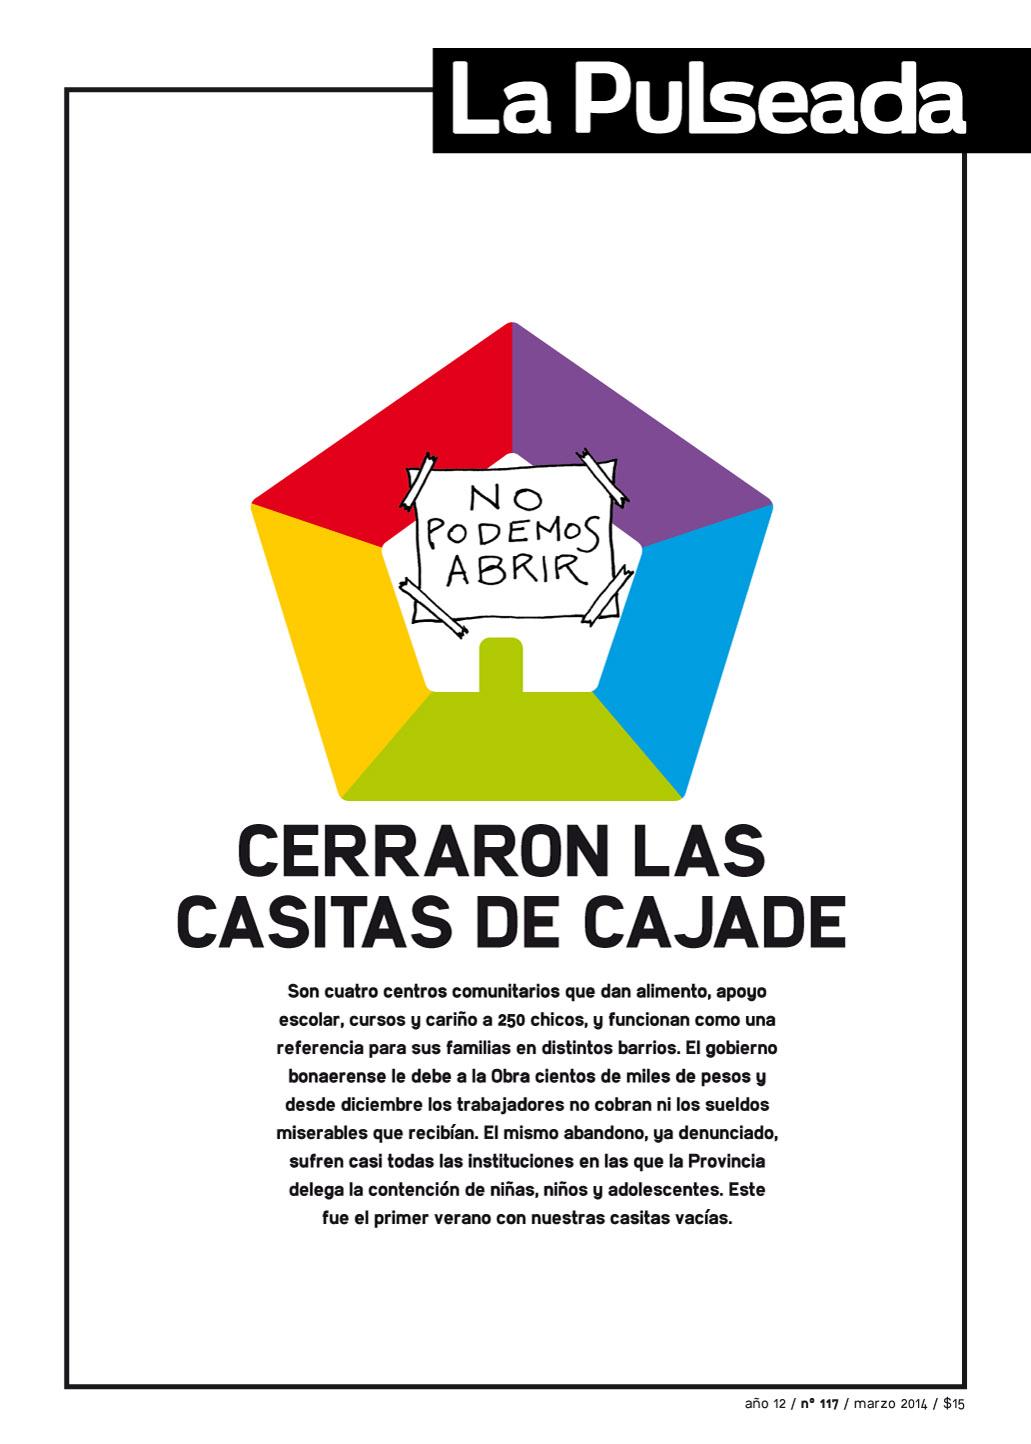 CERRARON LAS CASITAS DE CAJADE